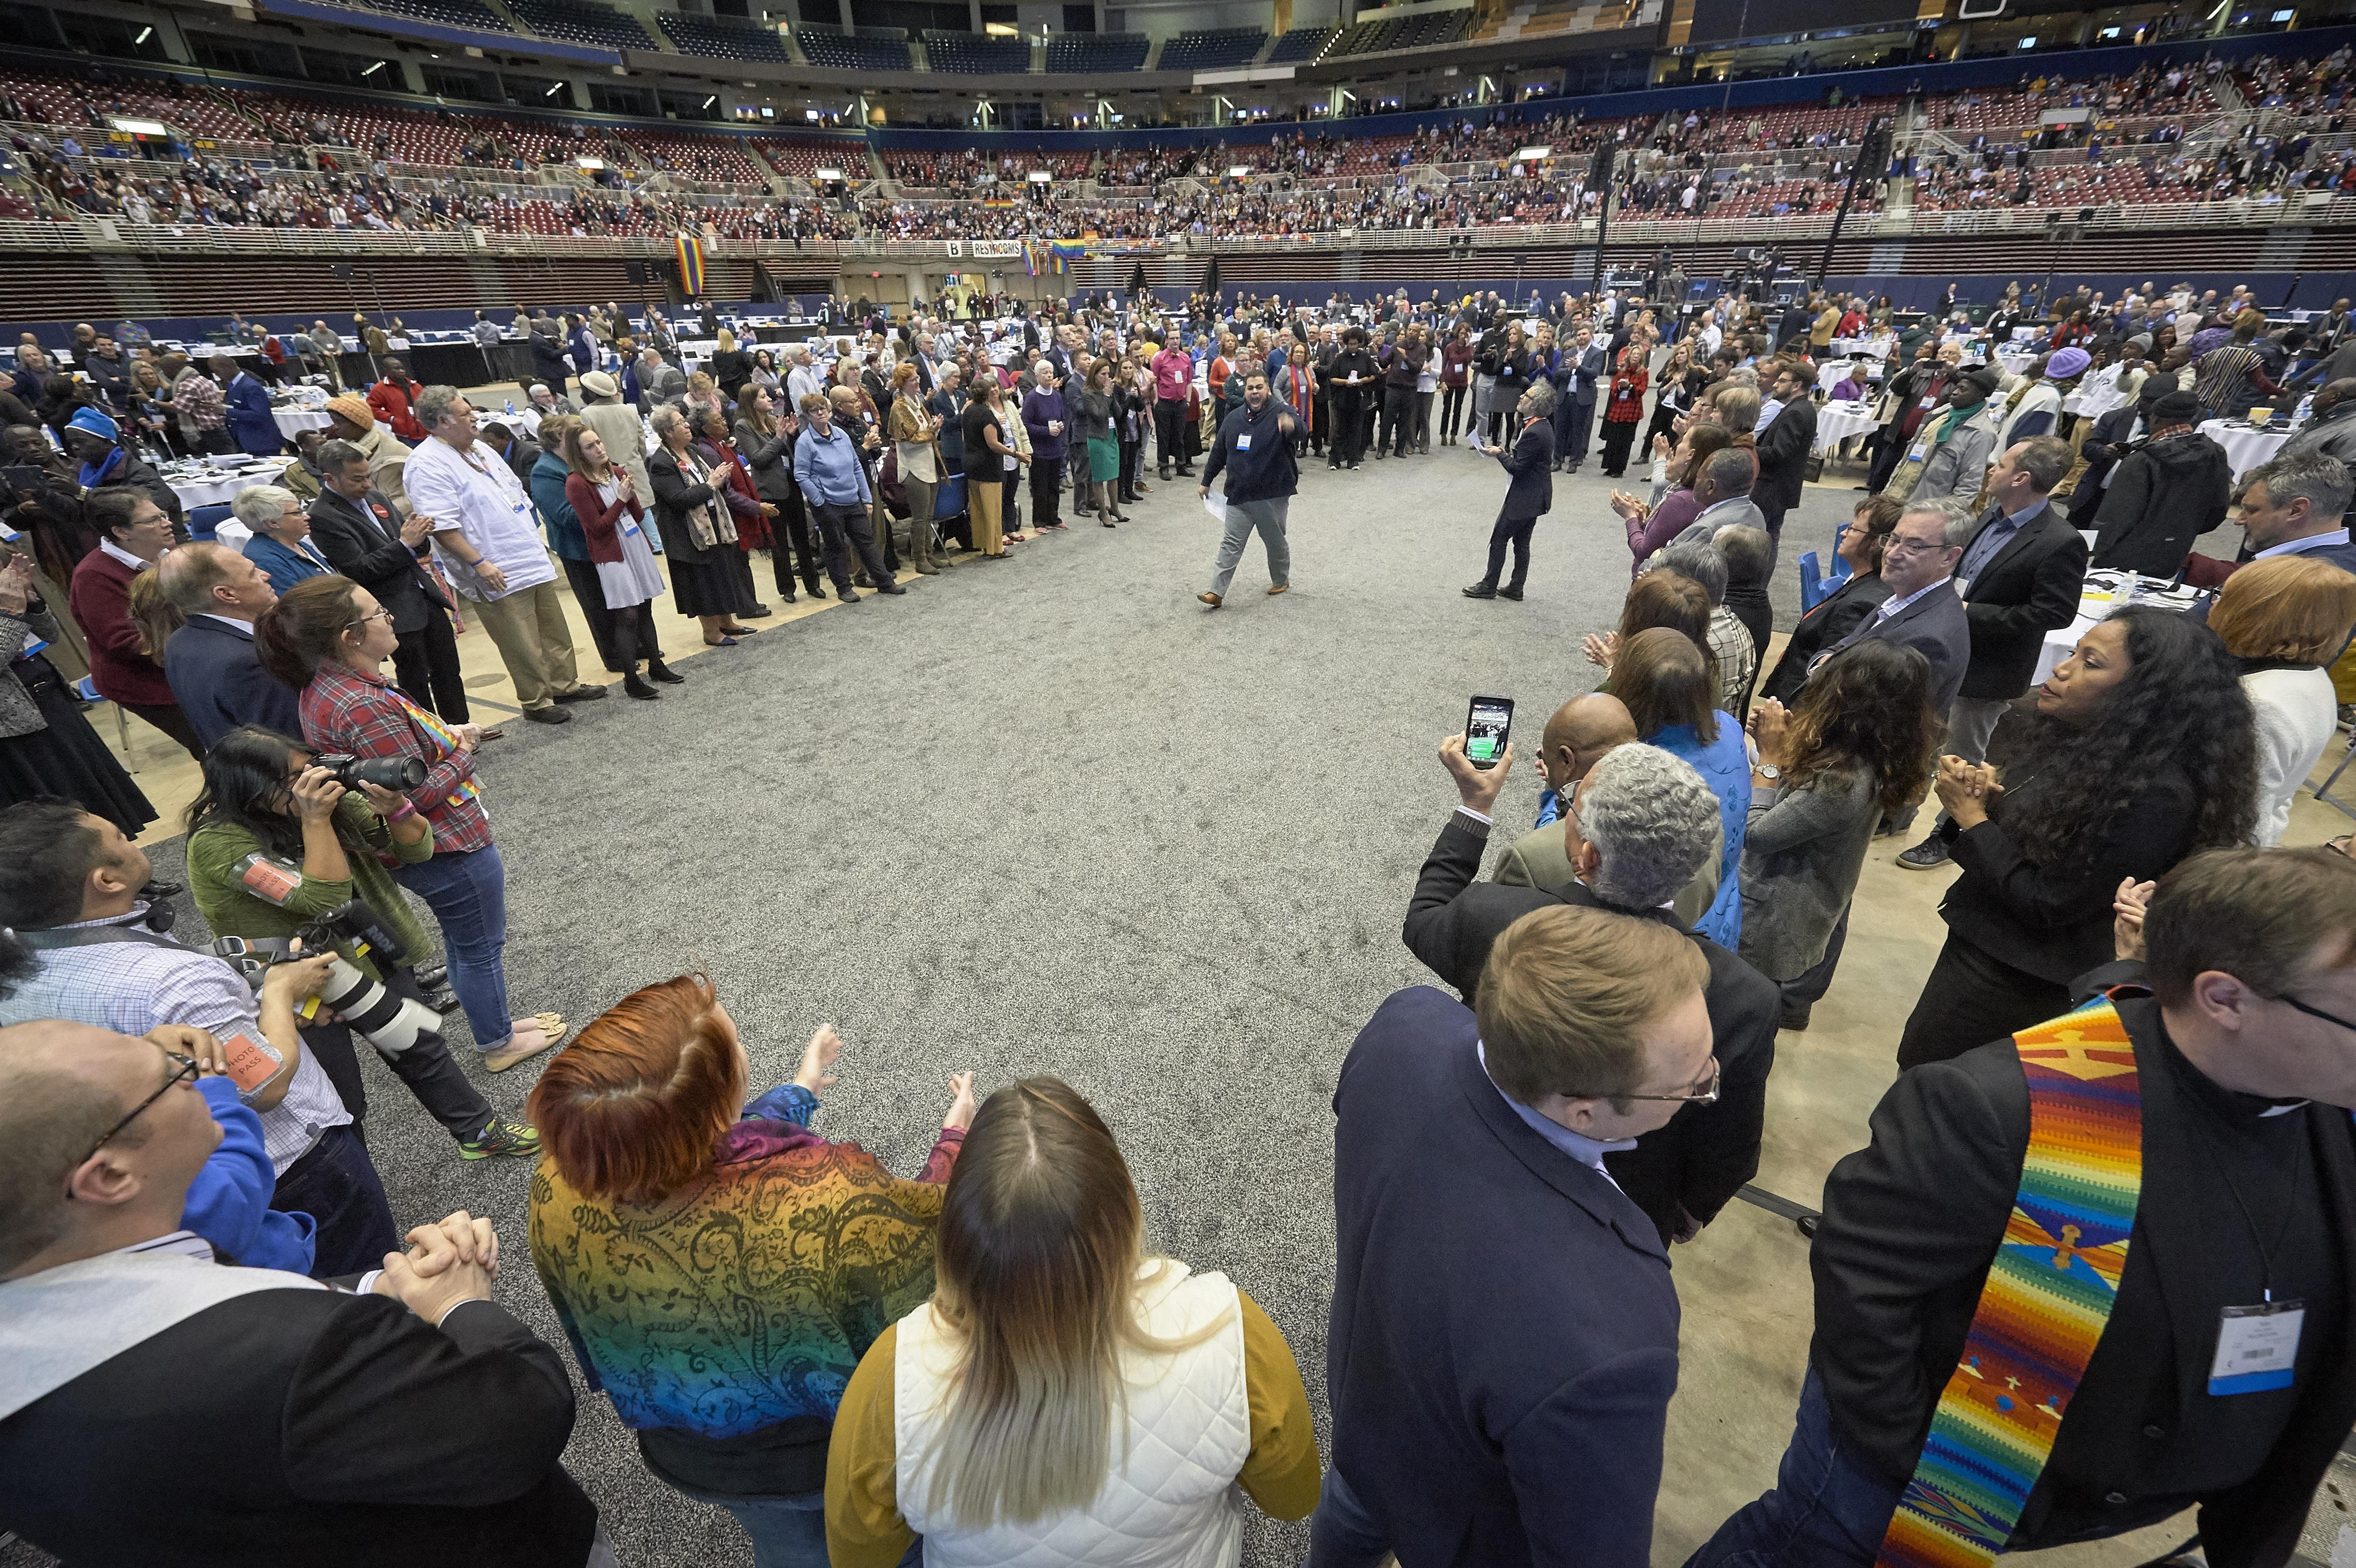 Depois da votação de 26 de fevereiro de 2019, que fortaleceu as políticas da igreja sobre a homossexualidade, o delegado Ian Urriola de Nova York fala com outros delegados que, em protesto, formaram um grande círculo no centro do plenário. Foto de Paul Jeffrey, Notícias MU.